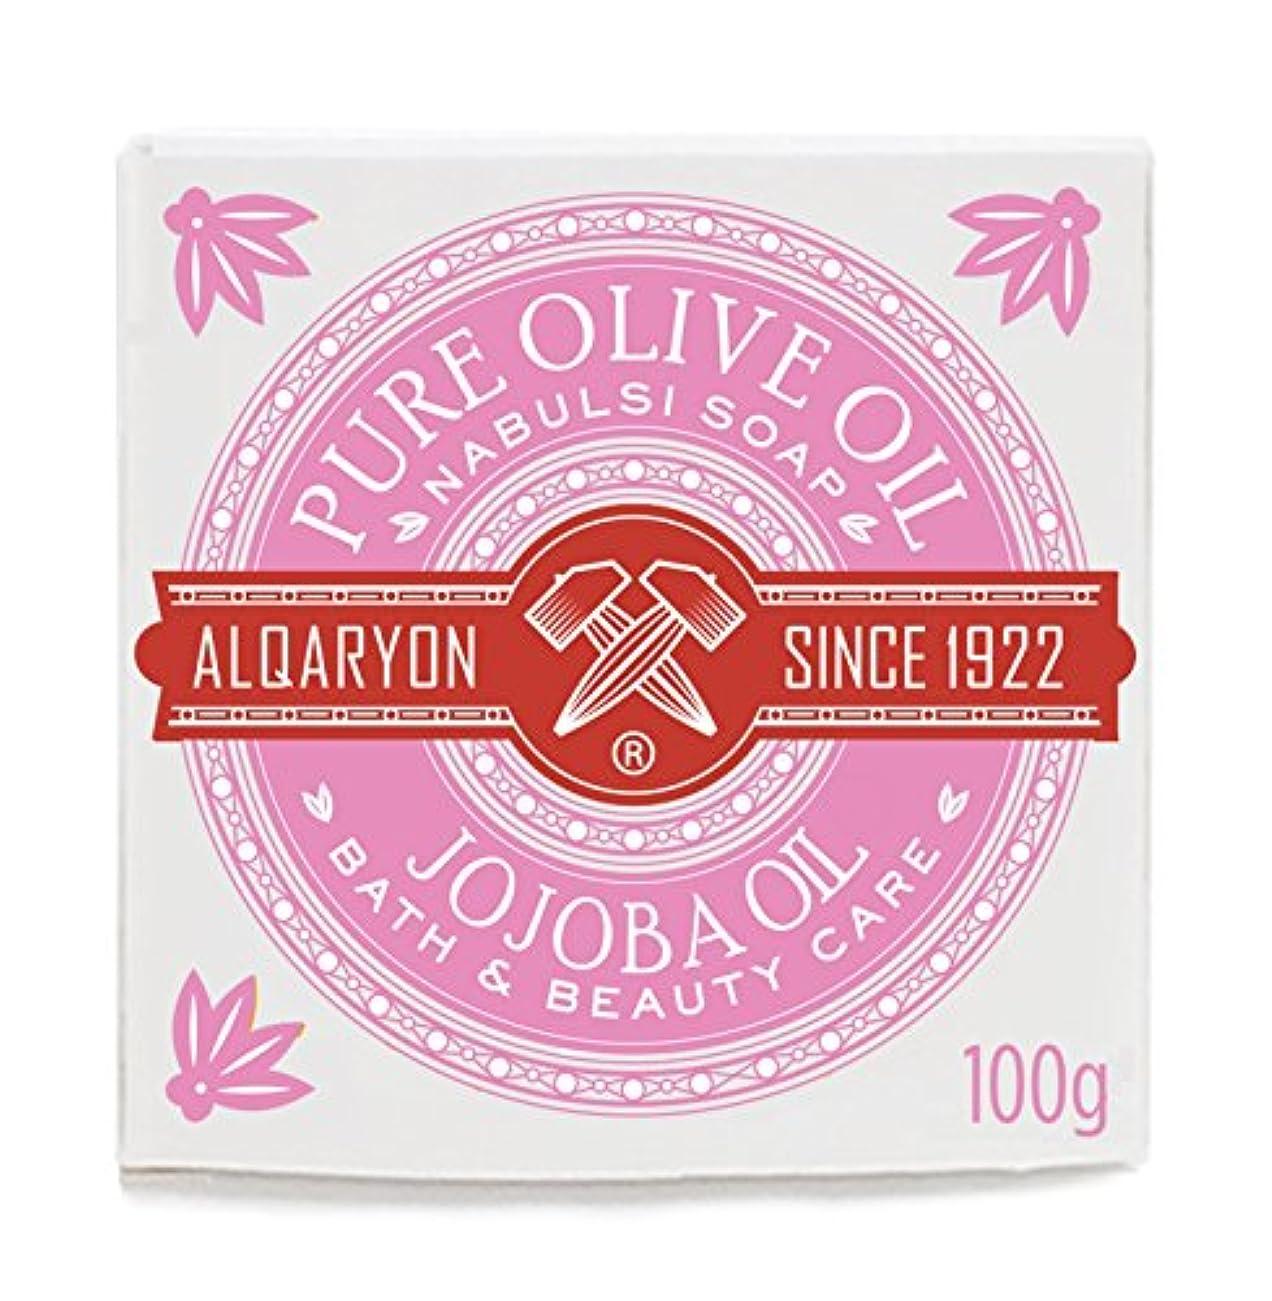 証明グリット売るAlqaryon Jojoba Oil & Olive Oil Bar Soaps, Pack of 4 Bars 100g - Alqaryonのホホバ オイルとオリーブオイル ソープ、バス & ビューティー ケア、100g...